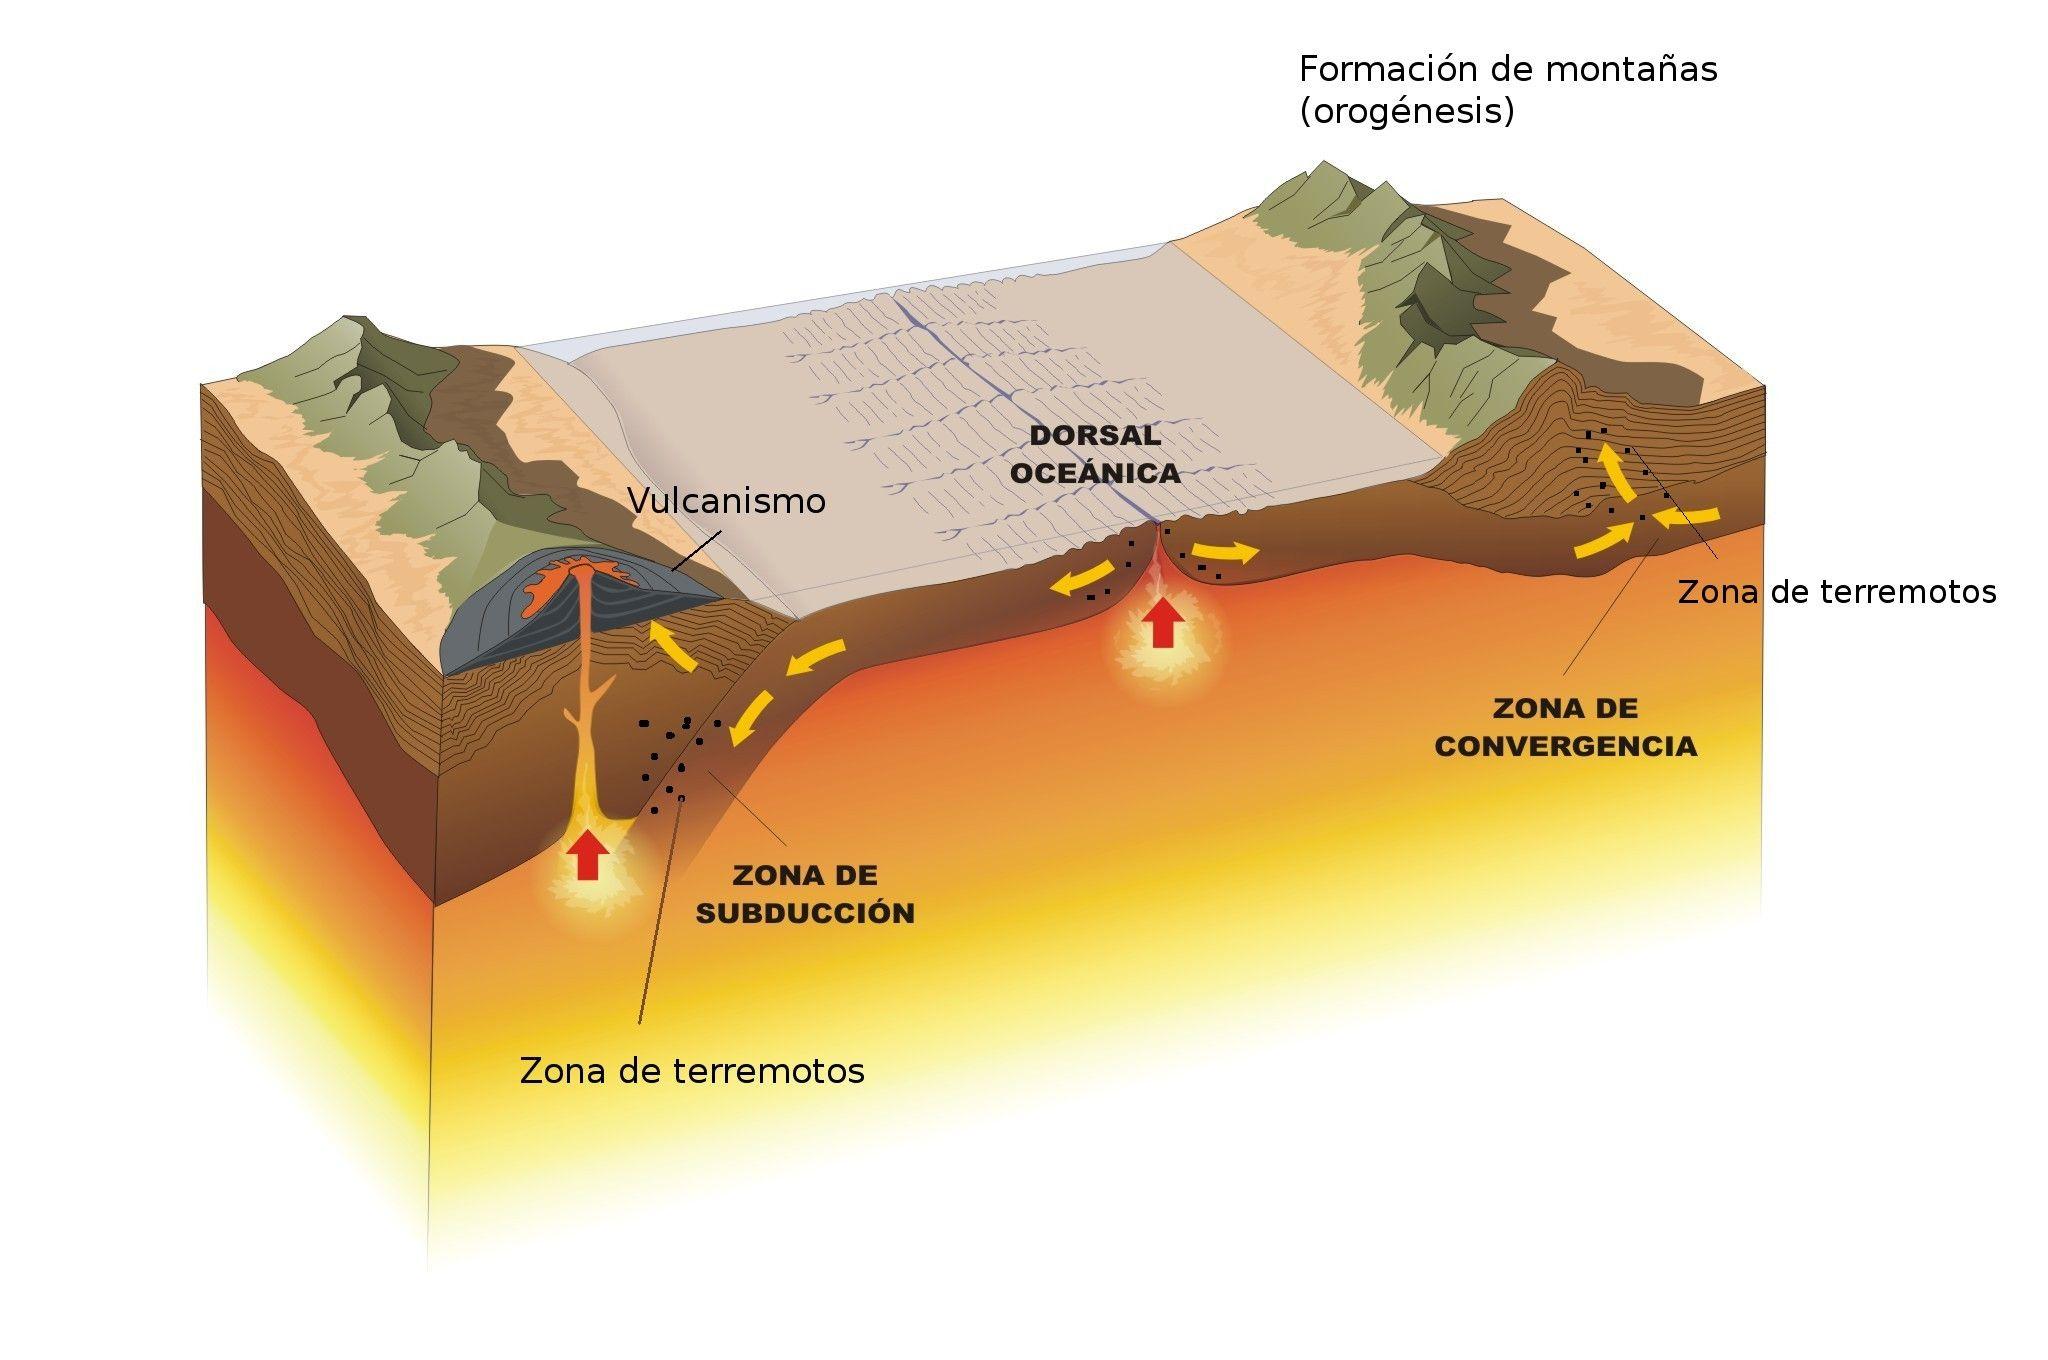 La c mara magm tica es la zona de donde procede la roca for De donde es la roca